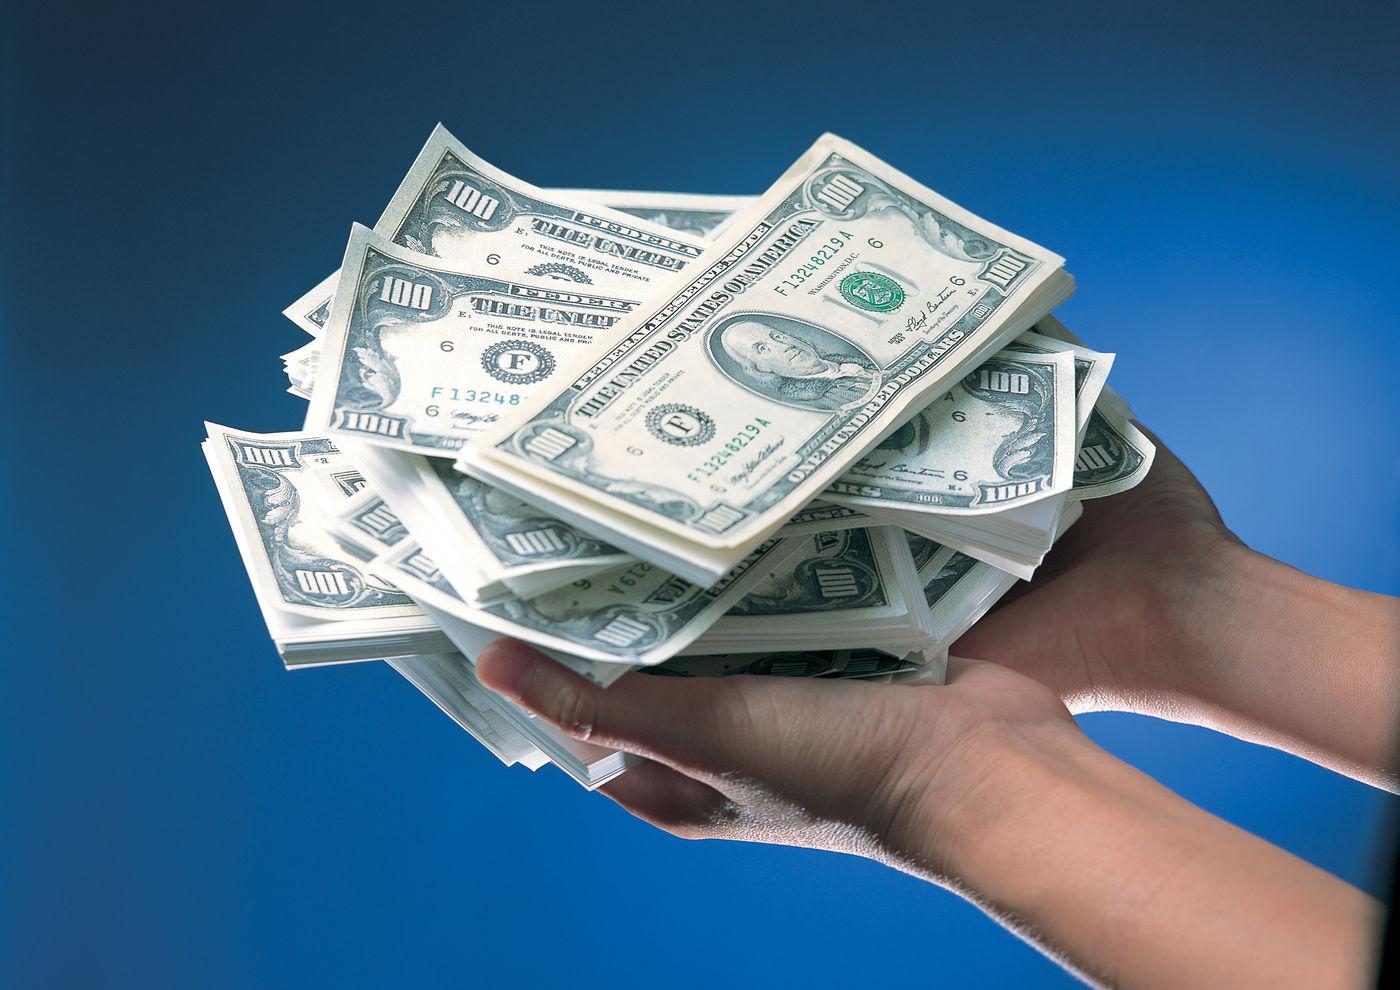 Деньги в долг в Бресте и Брестской области, займы, кредиты, Пинск, Пружаны, Барановичи, Кобрин, Ивацевичи, Беларусь